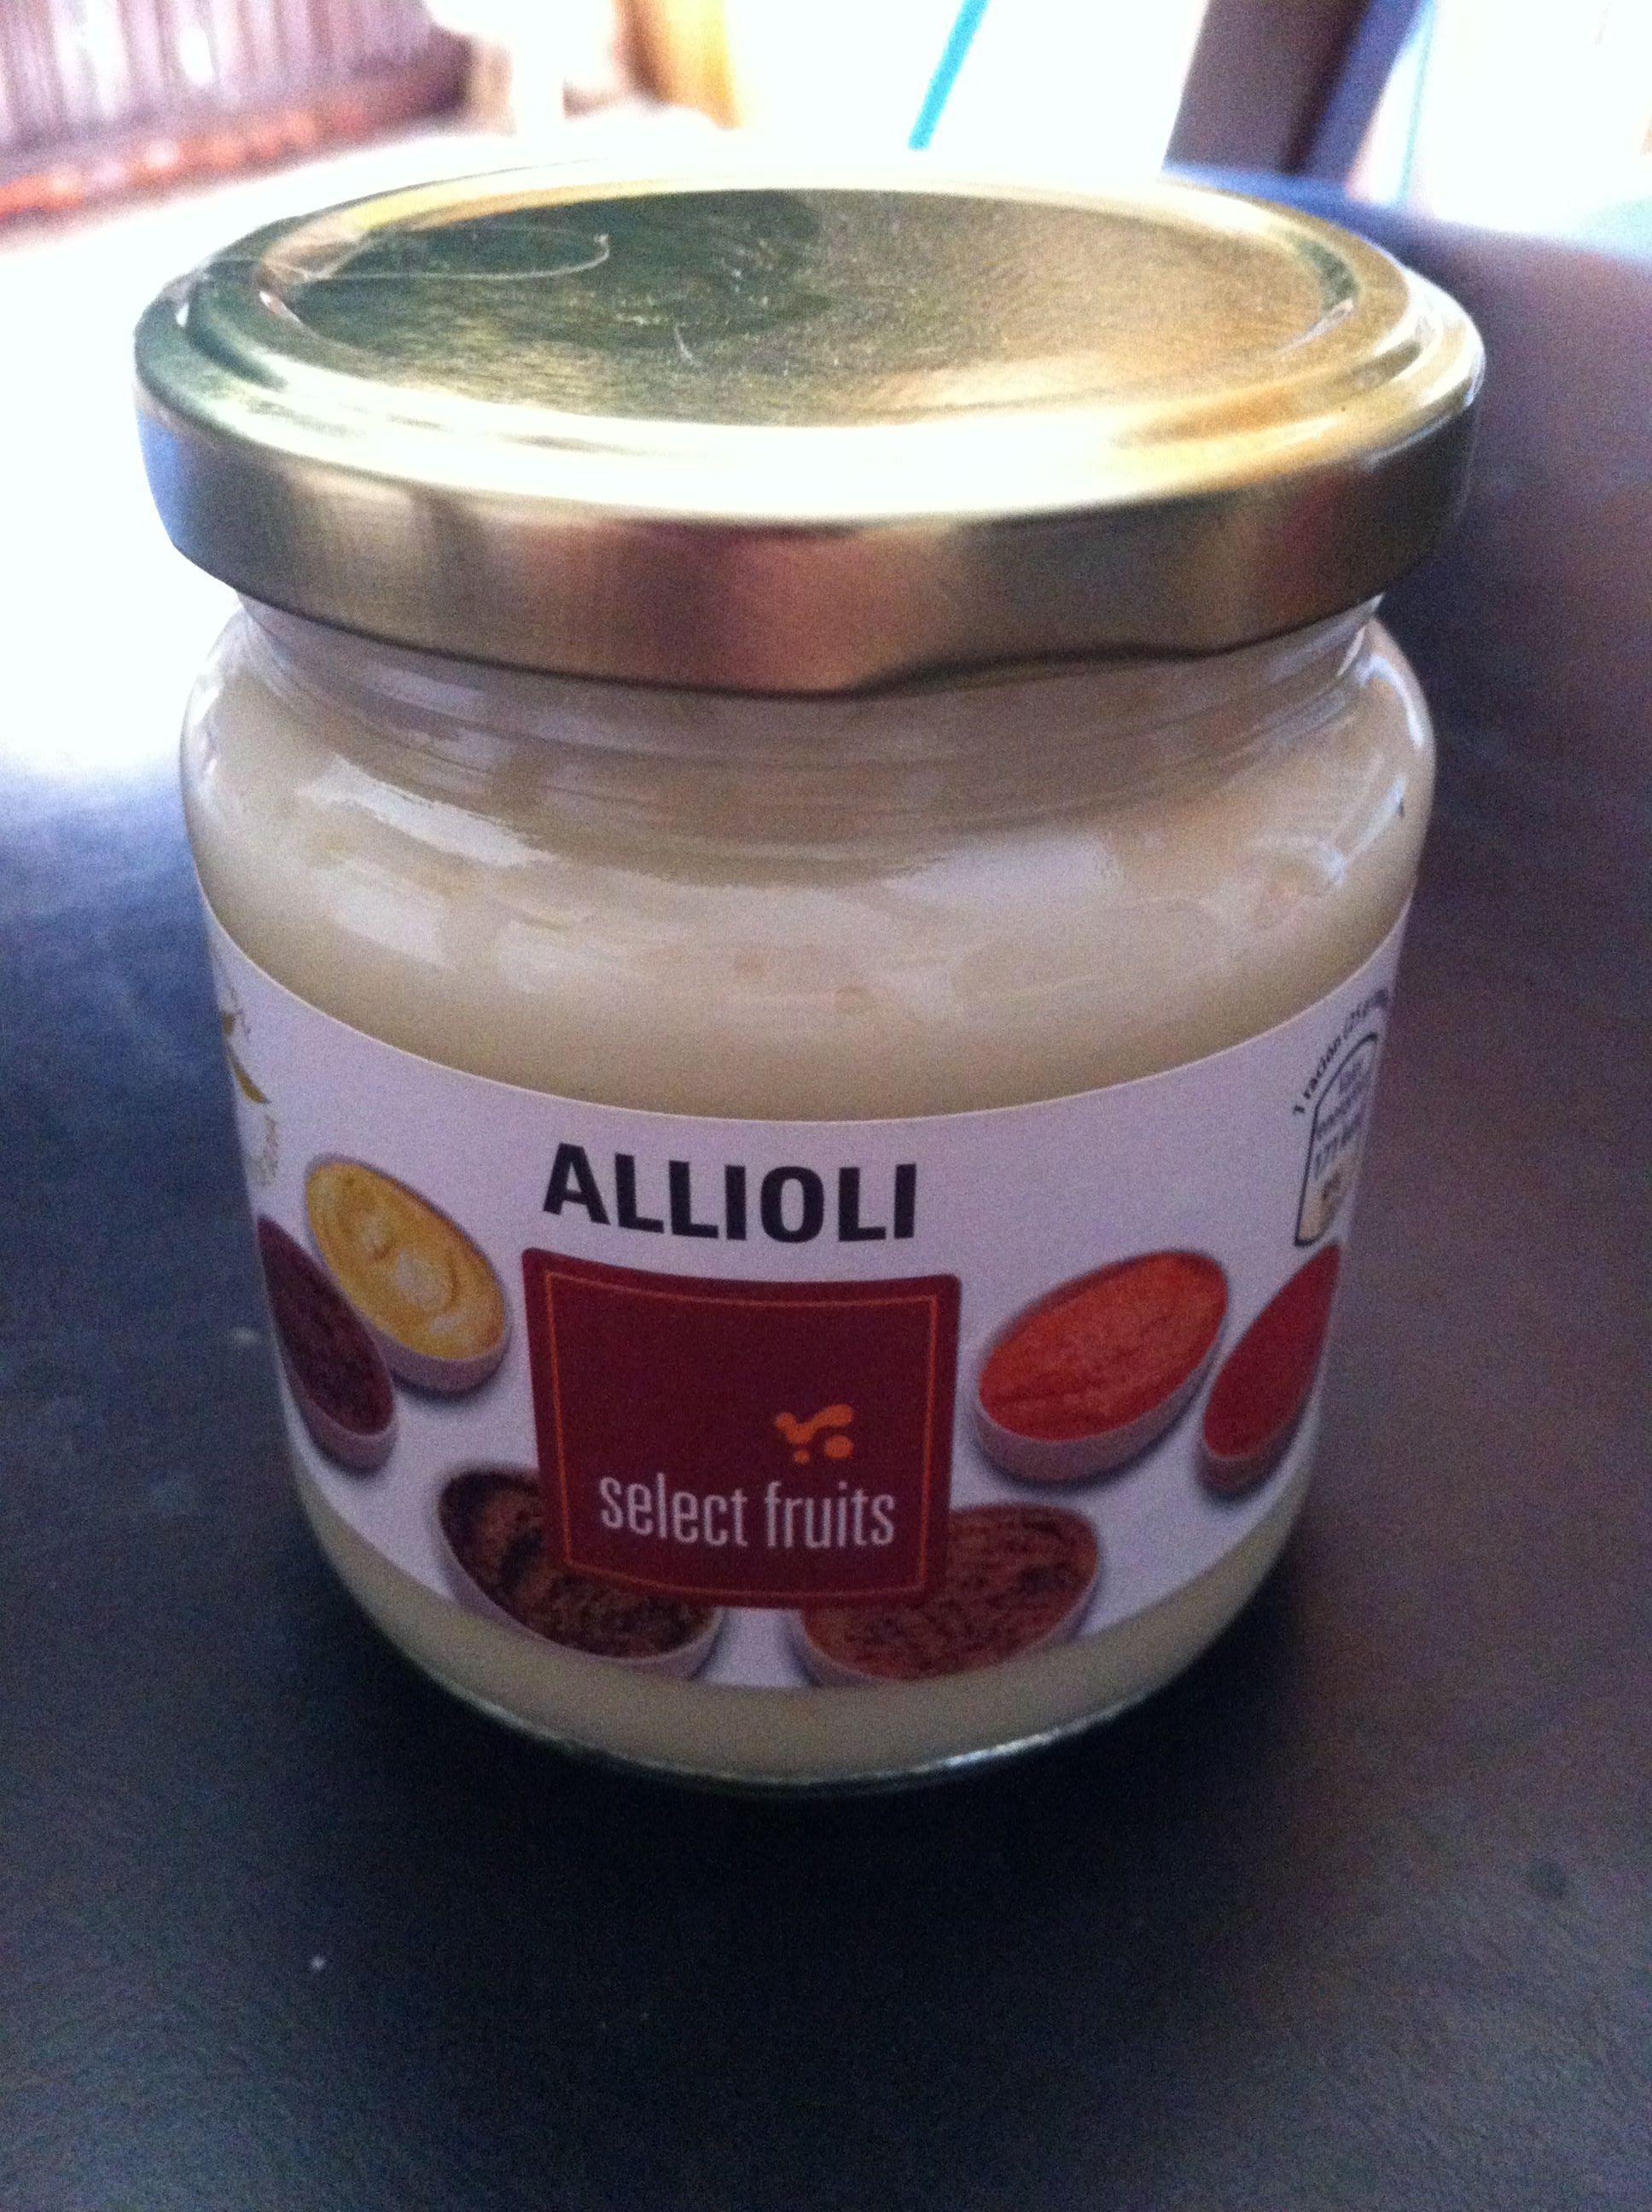 Allioli - Producto